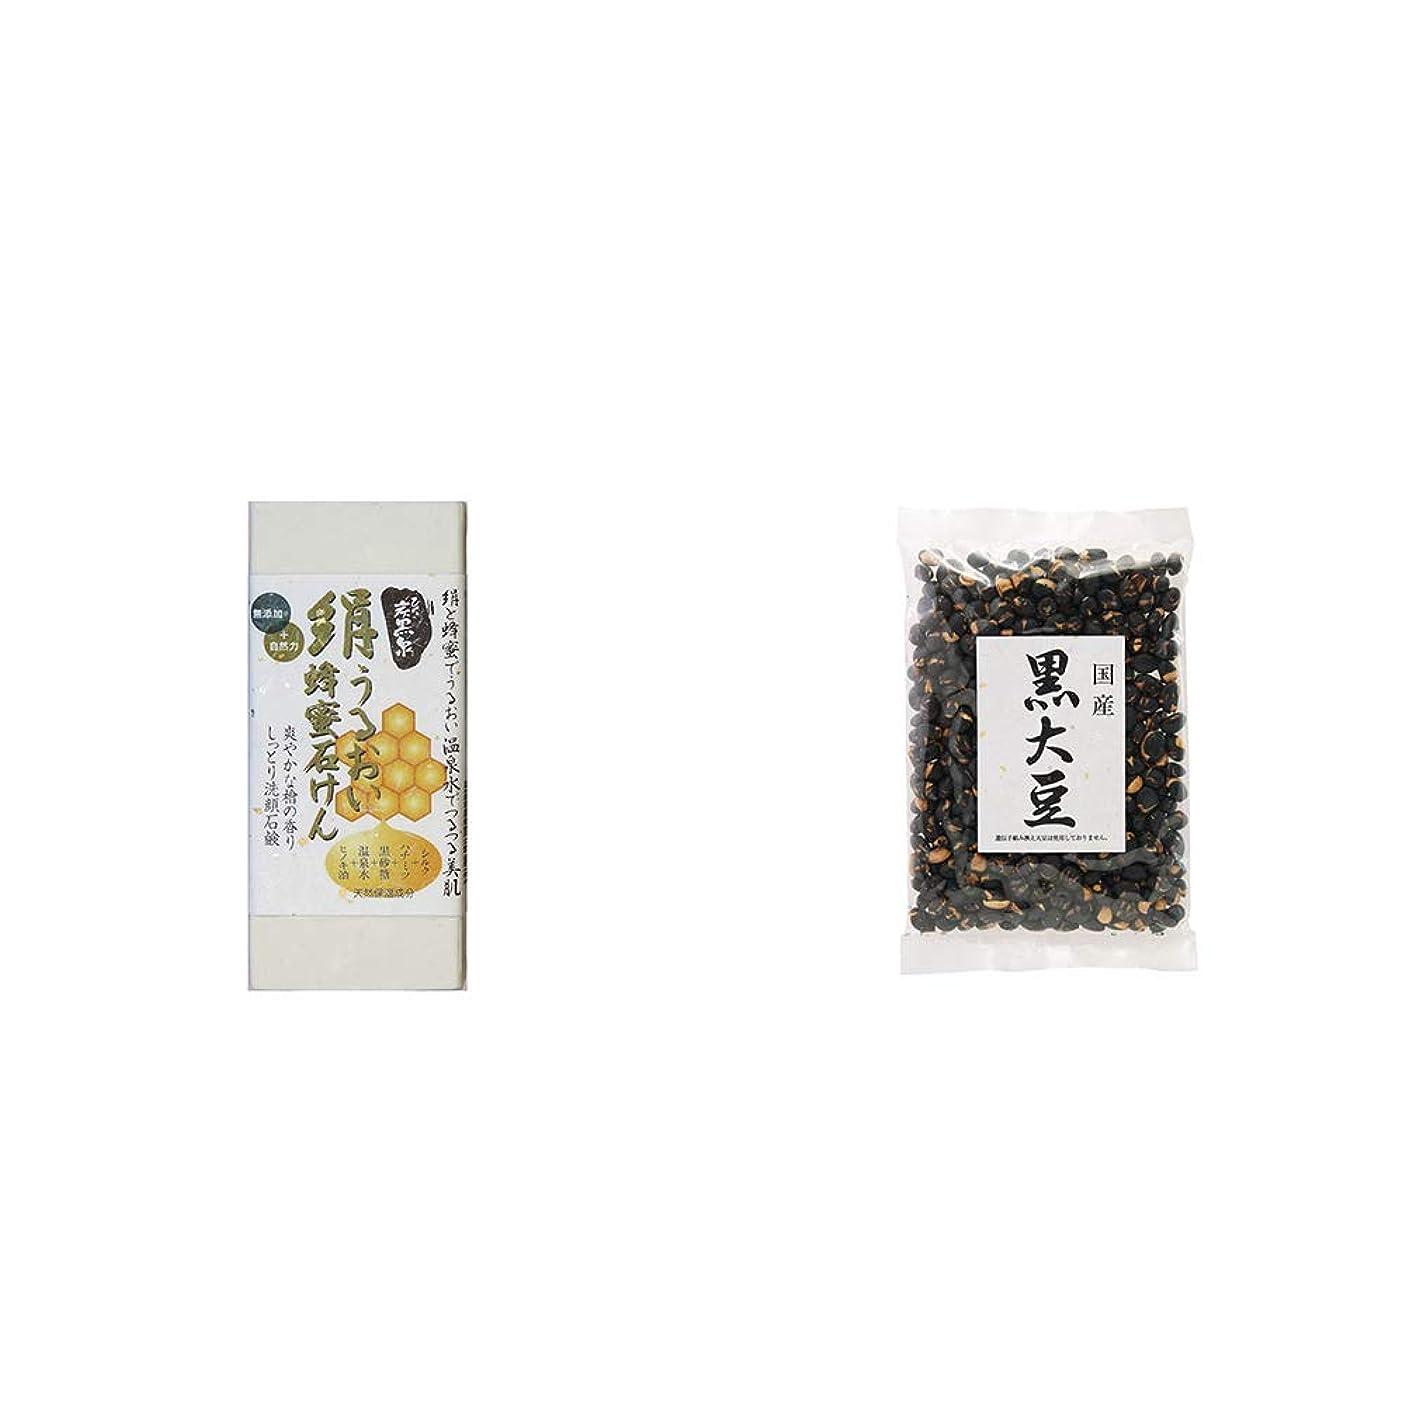 戦艦誤イチゴ[2点セット] ひのき炭黒泉 絹うるおい蜂蜜石けん(75g×2)?国産 黒大豆(140g)